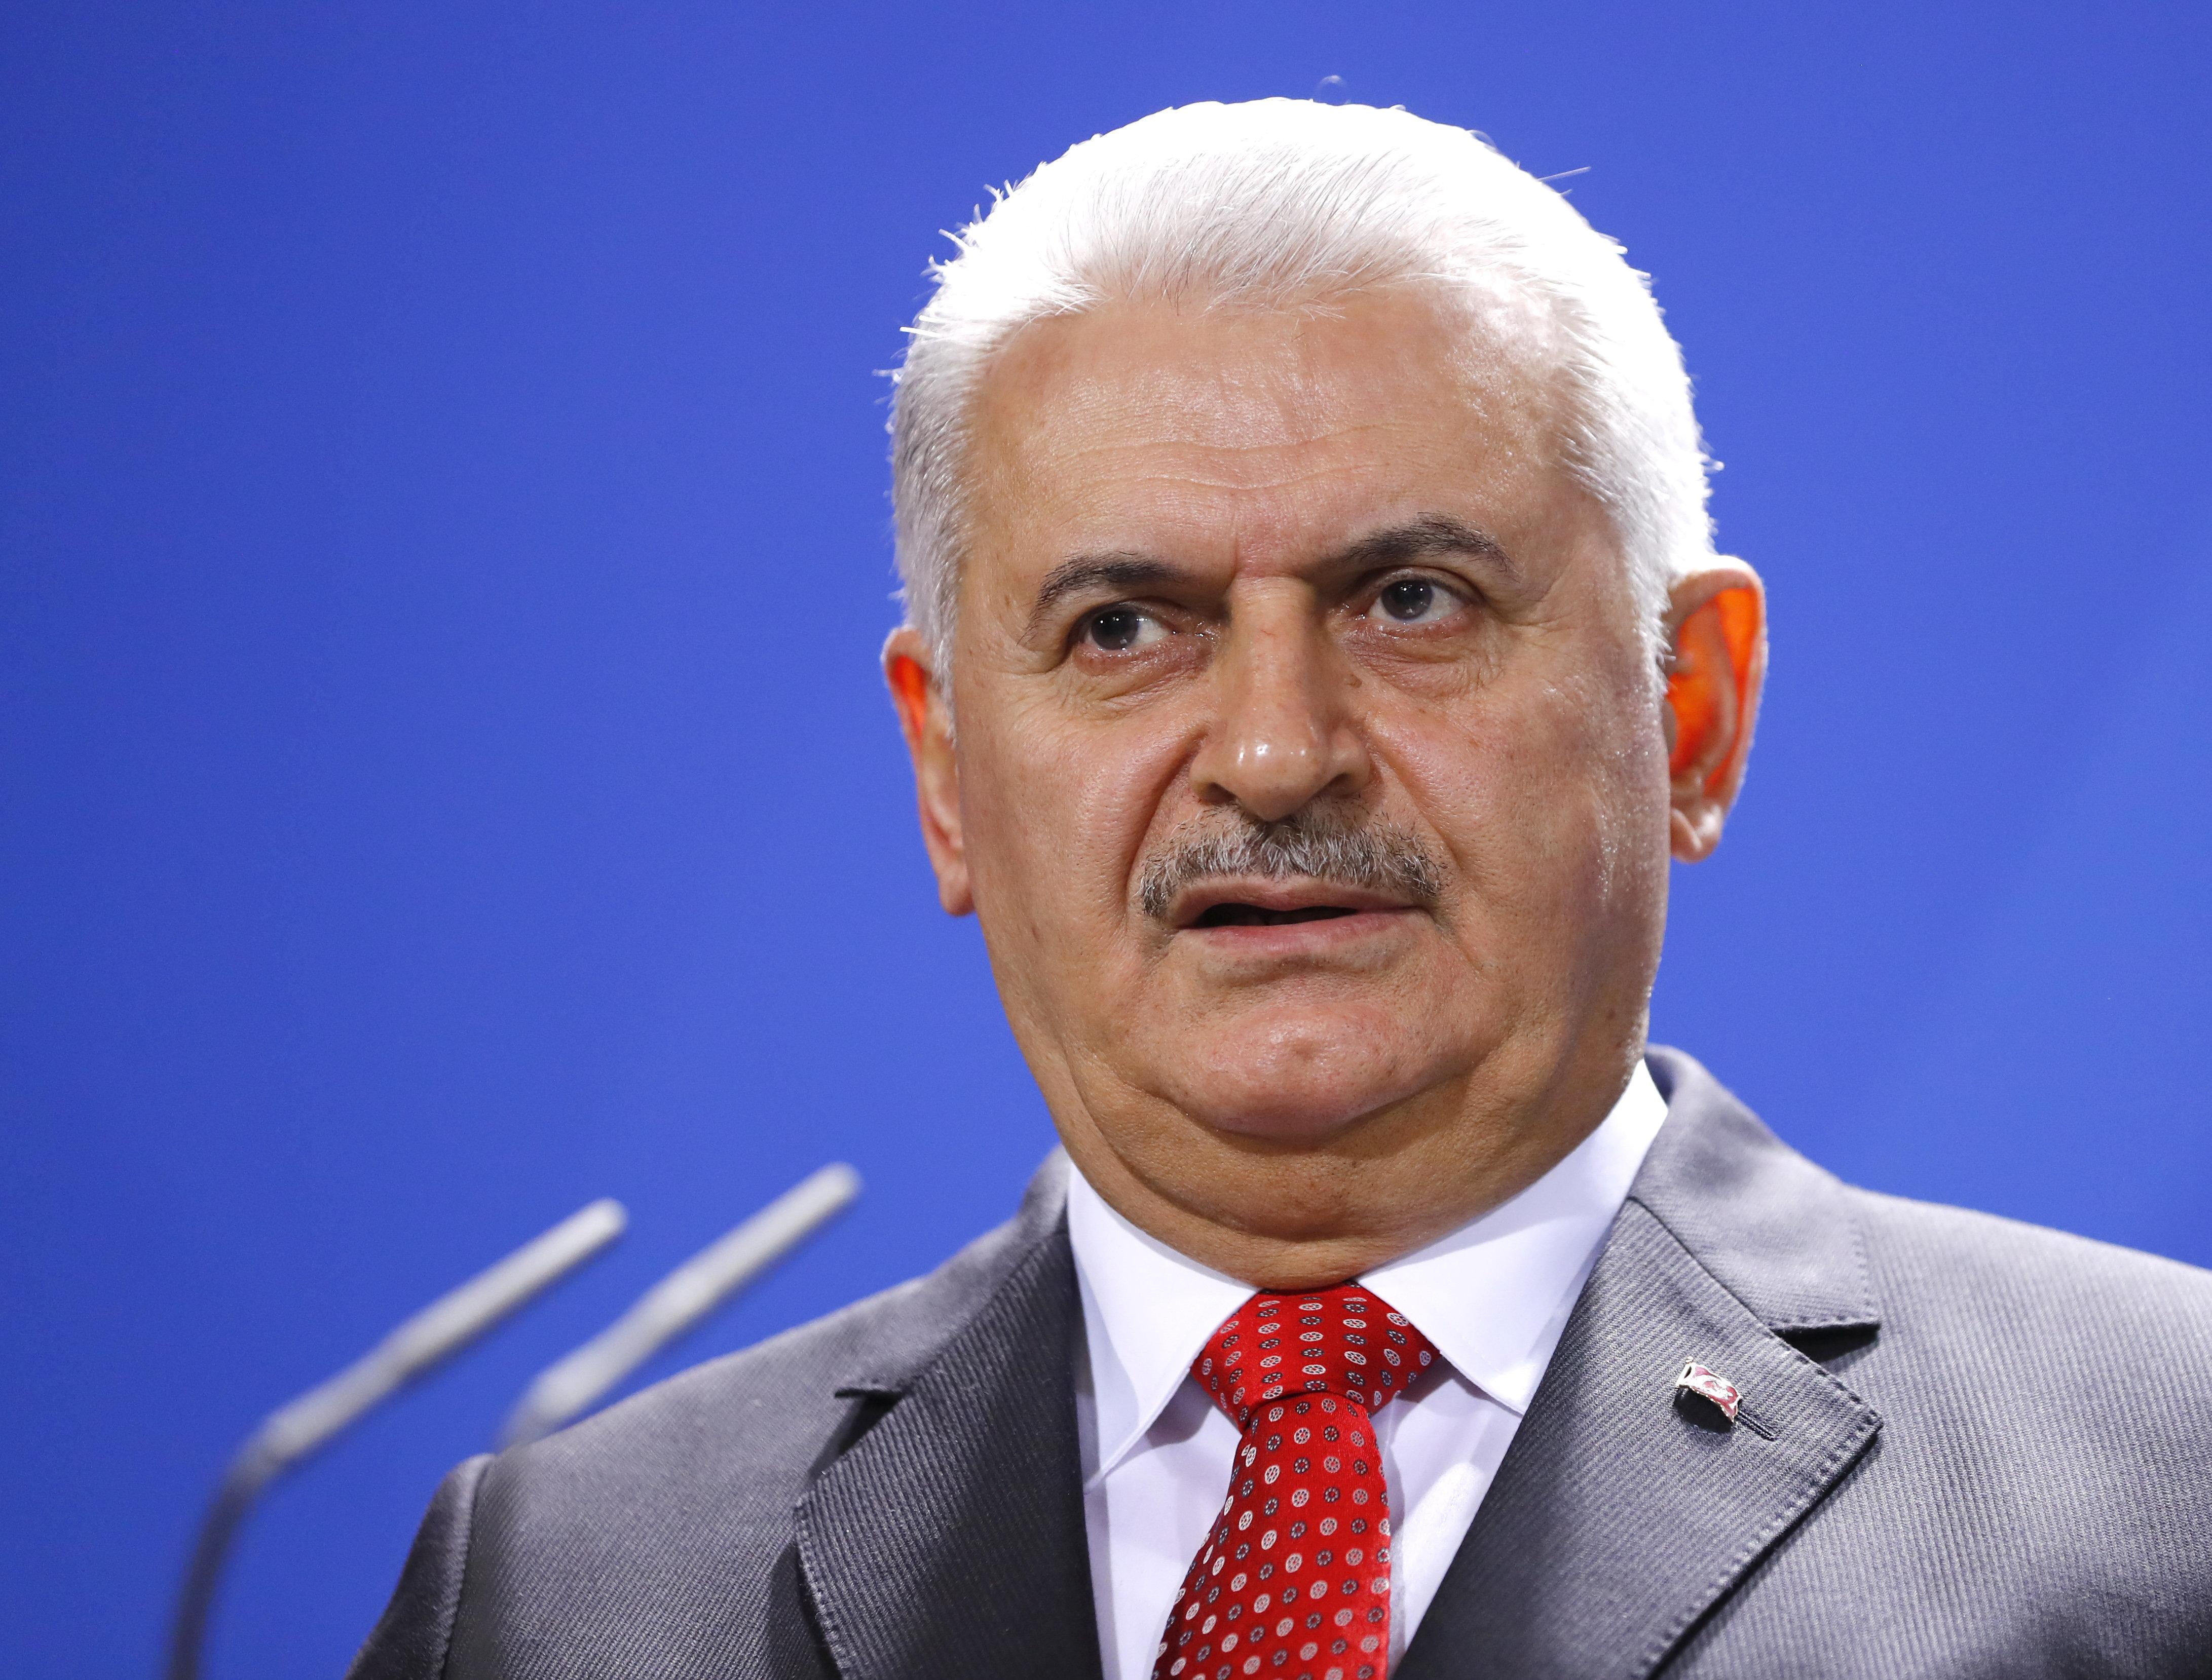 Γιλντιρίμ: Η Τουρκία υπερασπίζεται τα σύνορα του ΝΑΤΟ σε αντίθεση με άλλα